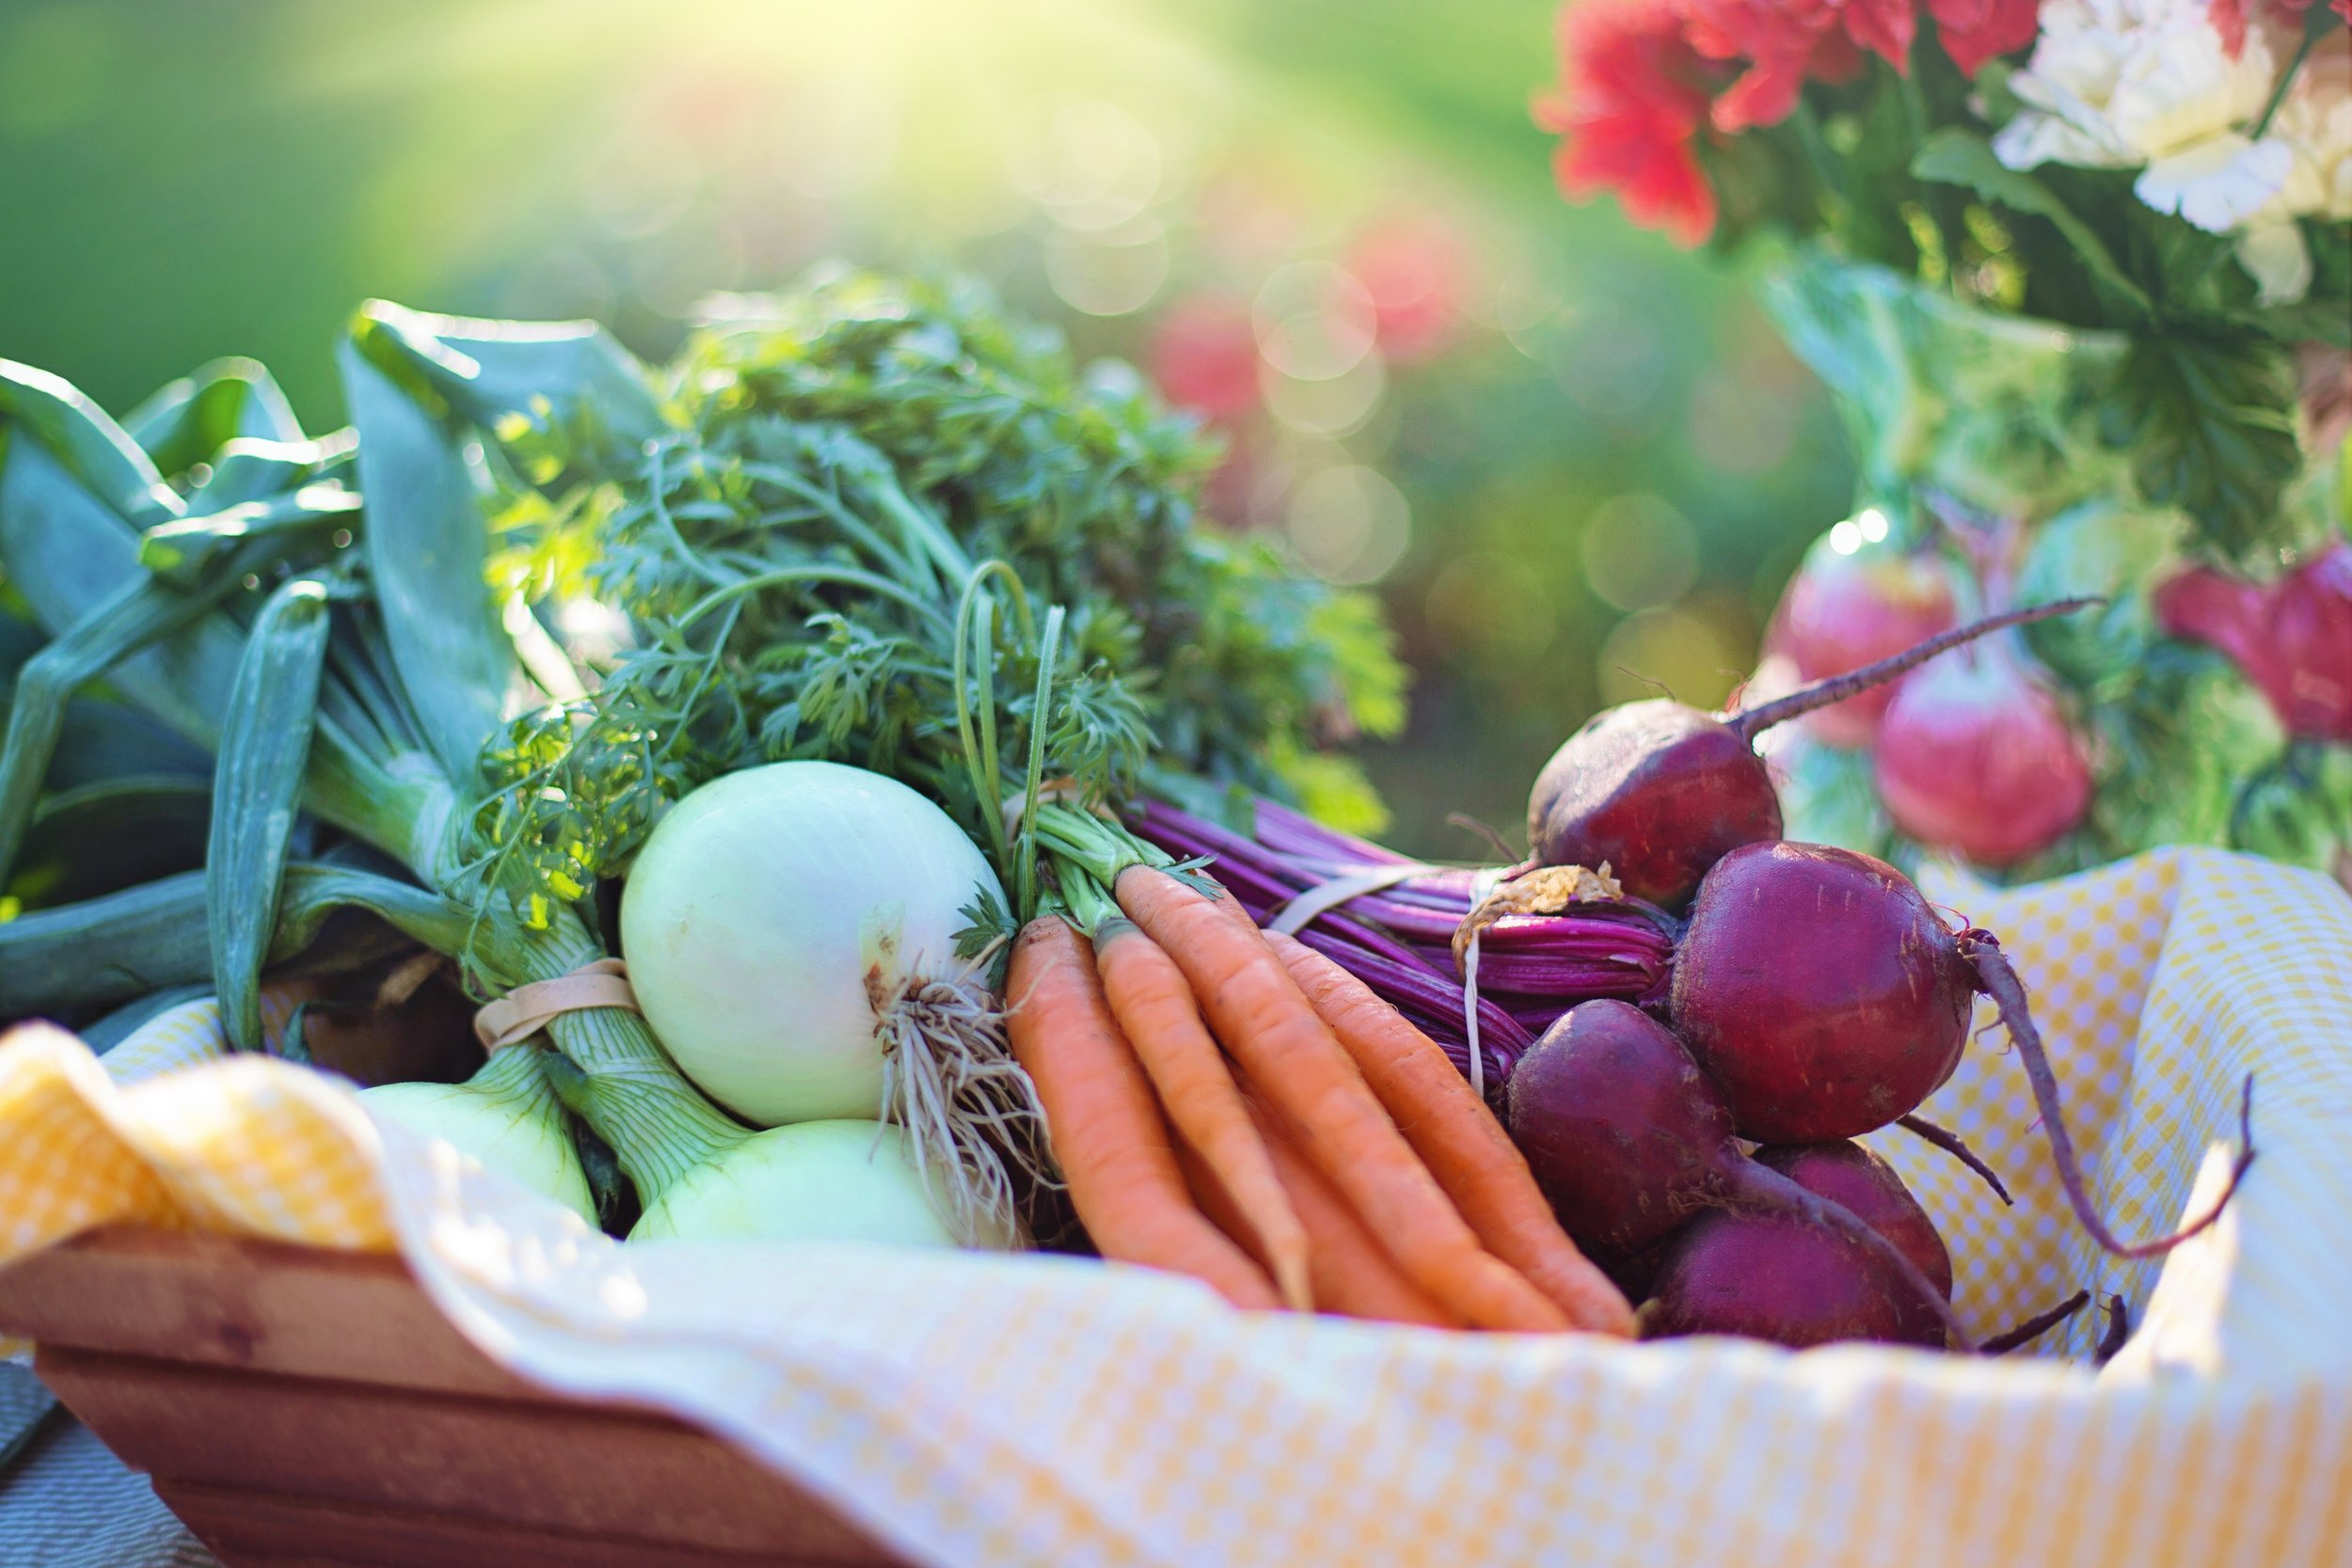 agriculture-basket-beets-533360.jpg